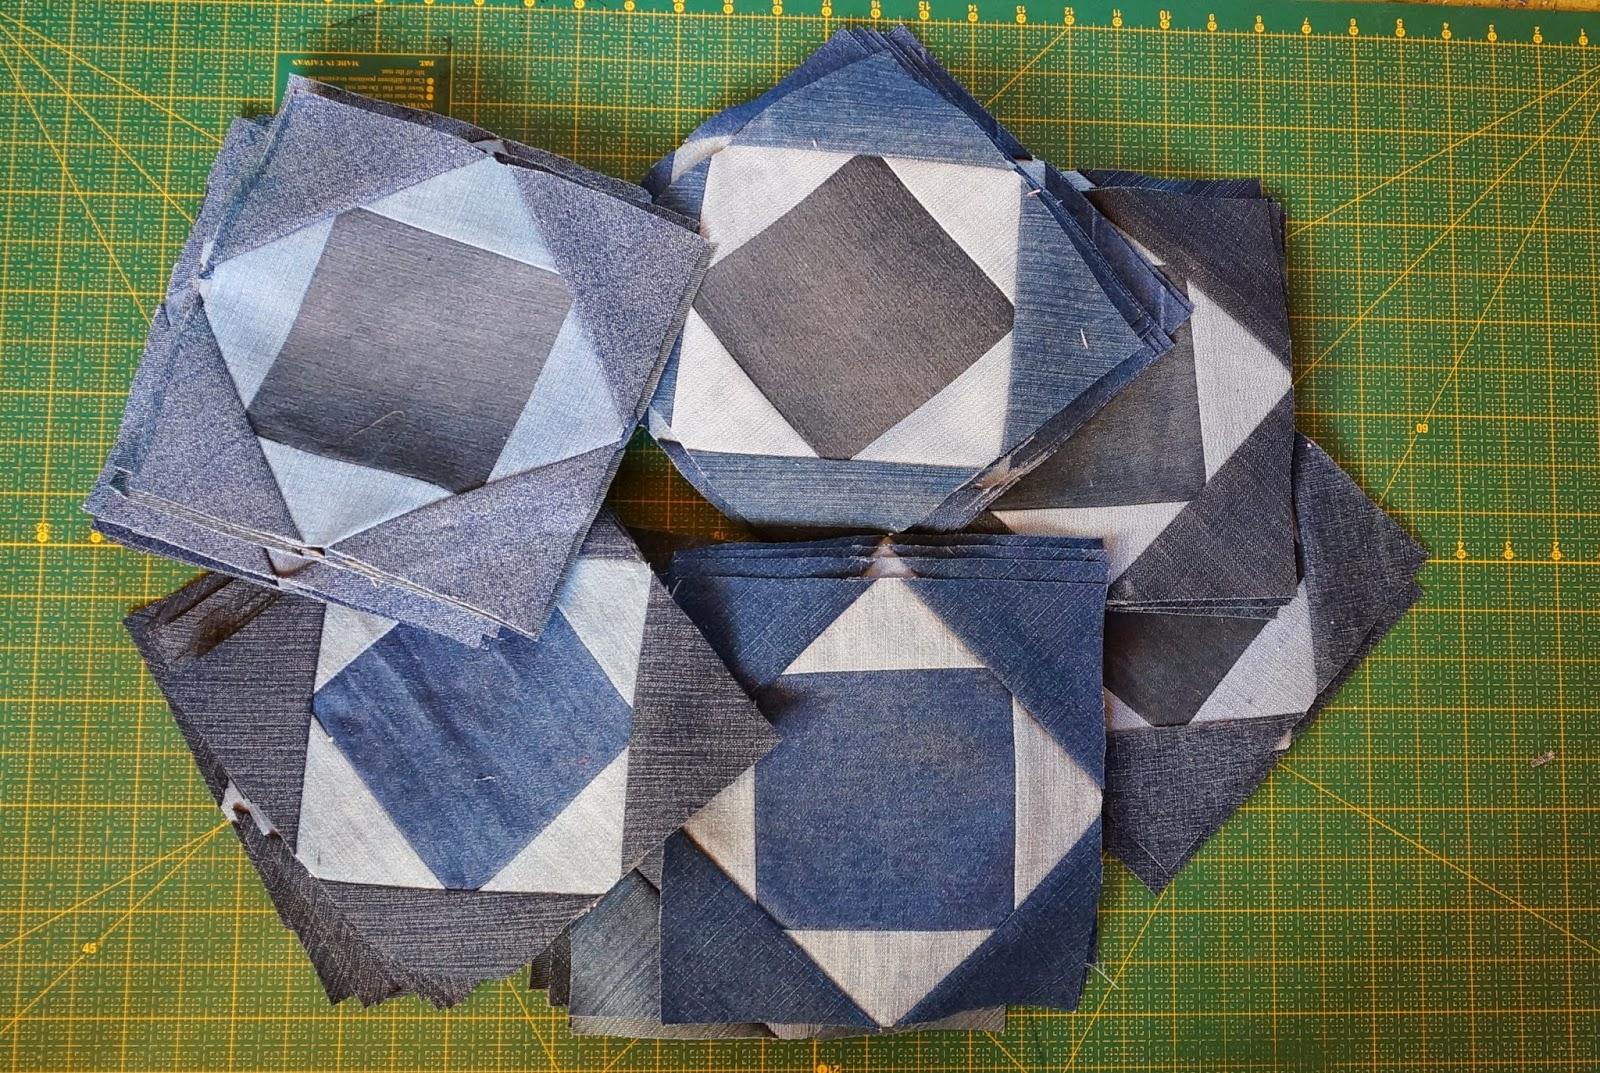 техника изготовления пледа из кусочков старых джинс